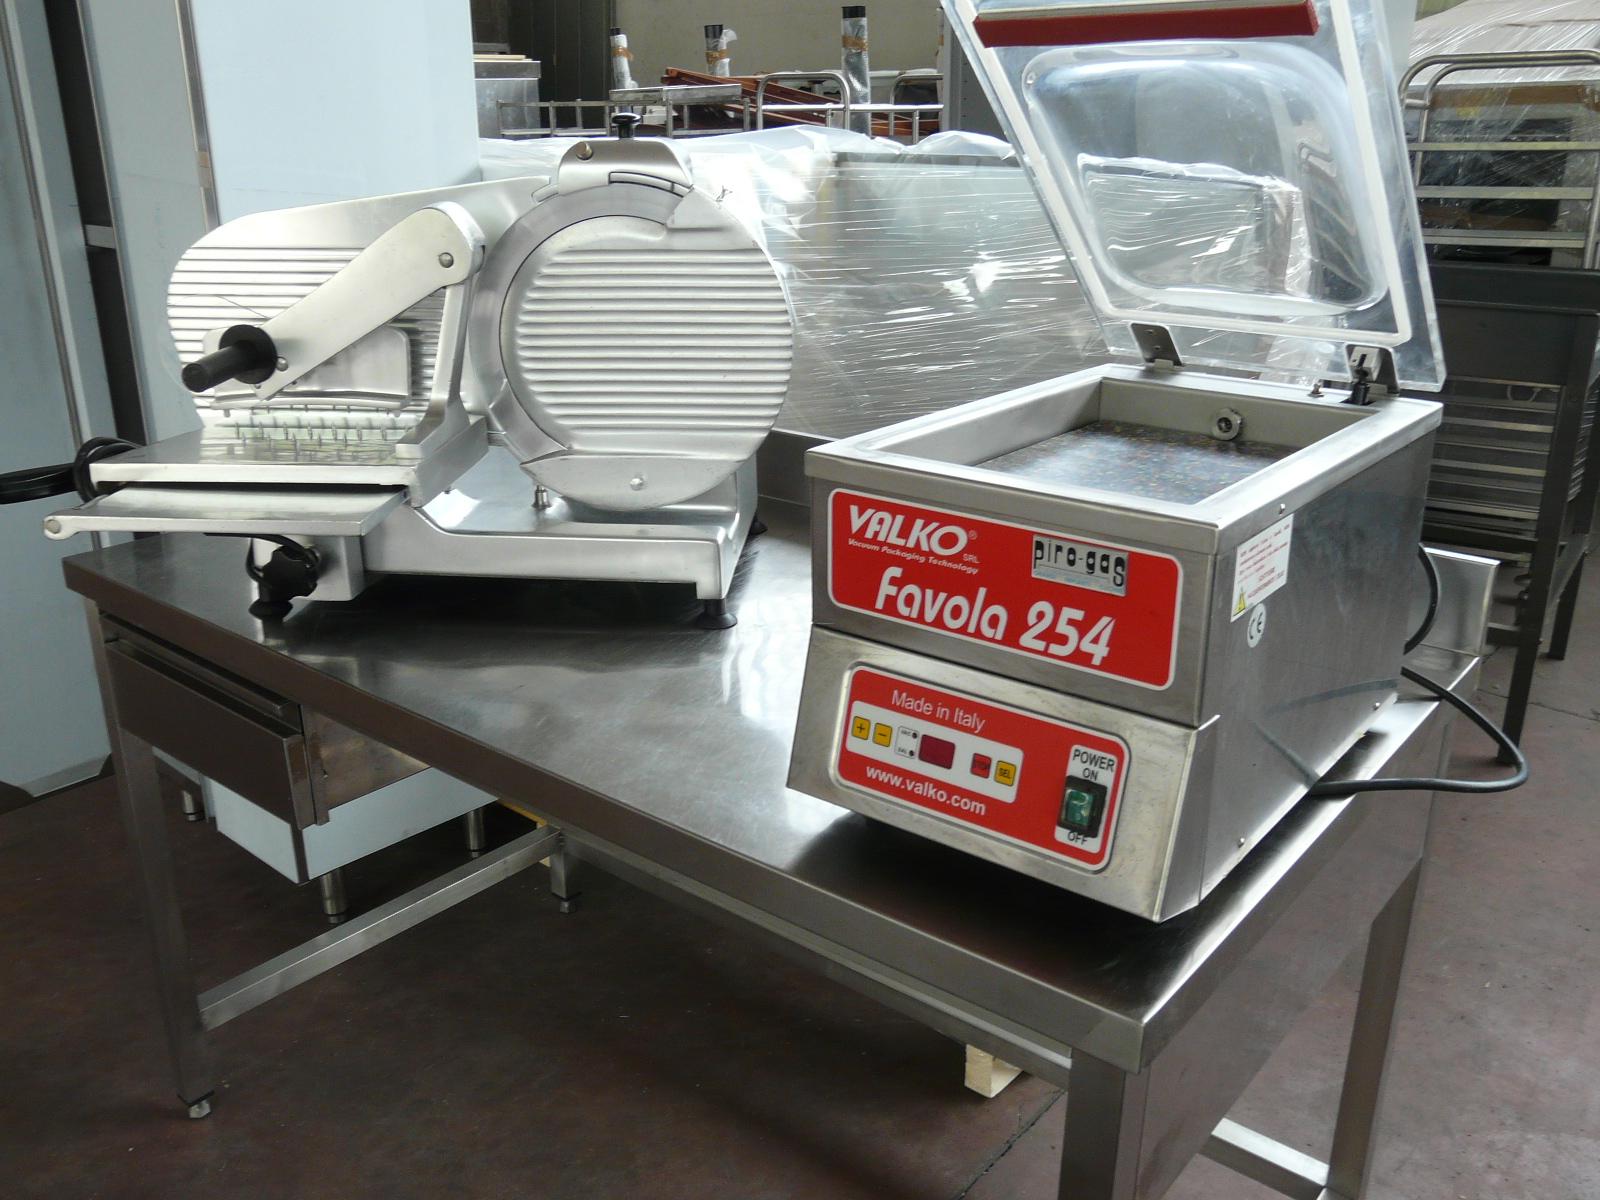 Piro gas cucine industriali usate lodi brescia milano for Cucine usate gratis milano